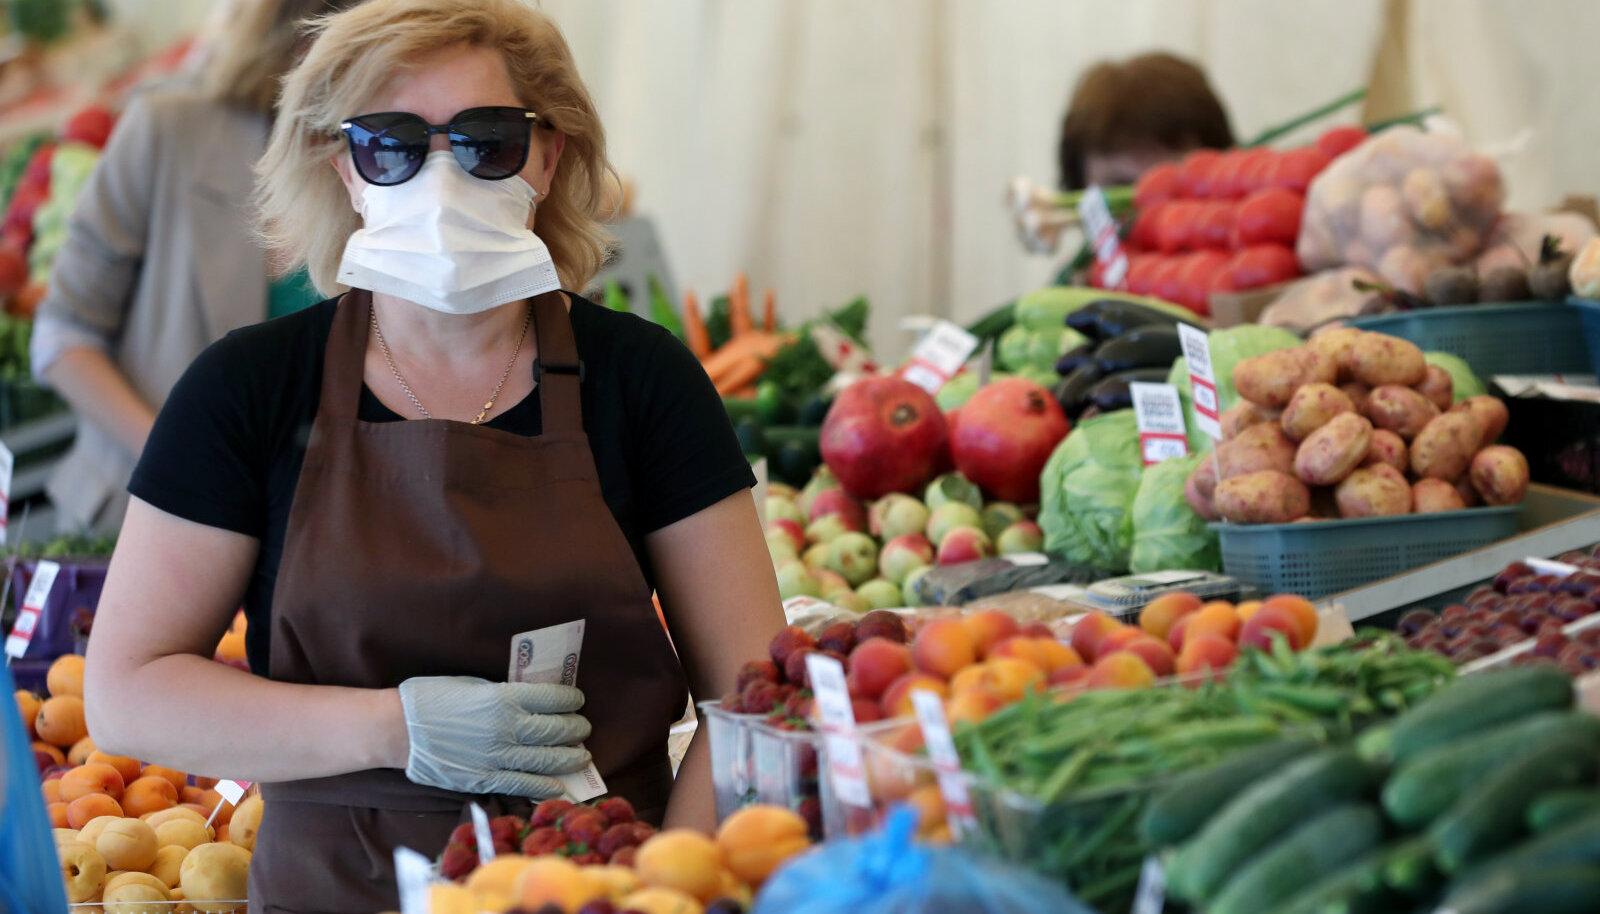 Maskiga müüja eile Moskva turul.